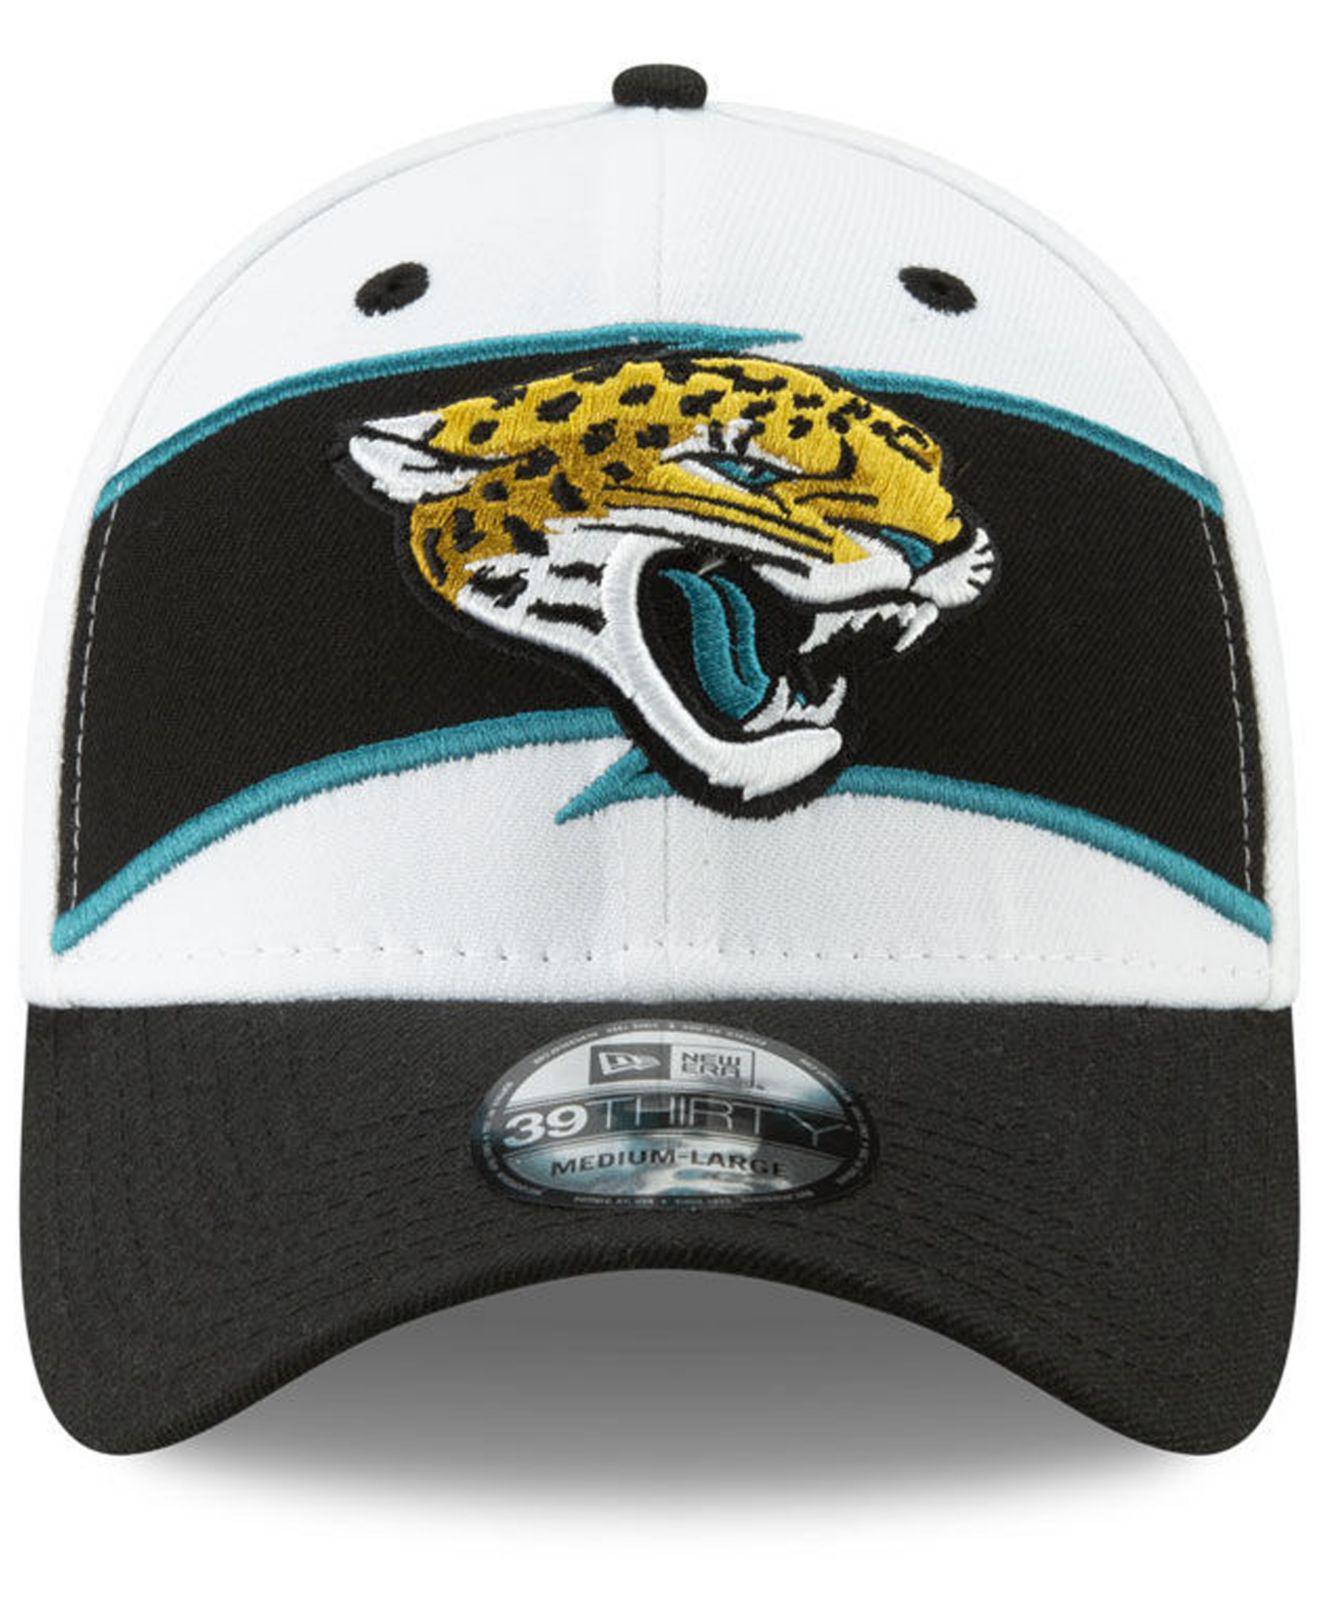 Lyst - Ktz Jacksonville Jaguars Thanksgiving 39thirty Cap in Black for Men 391e760c6